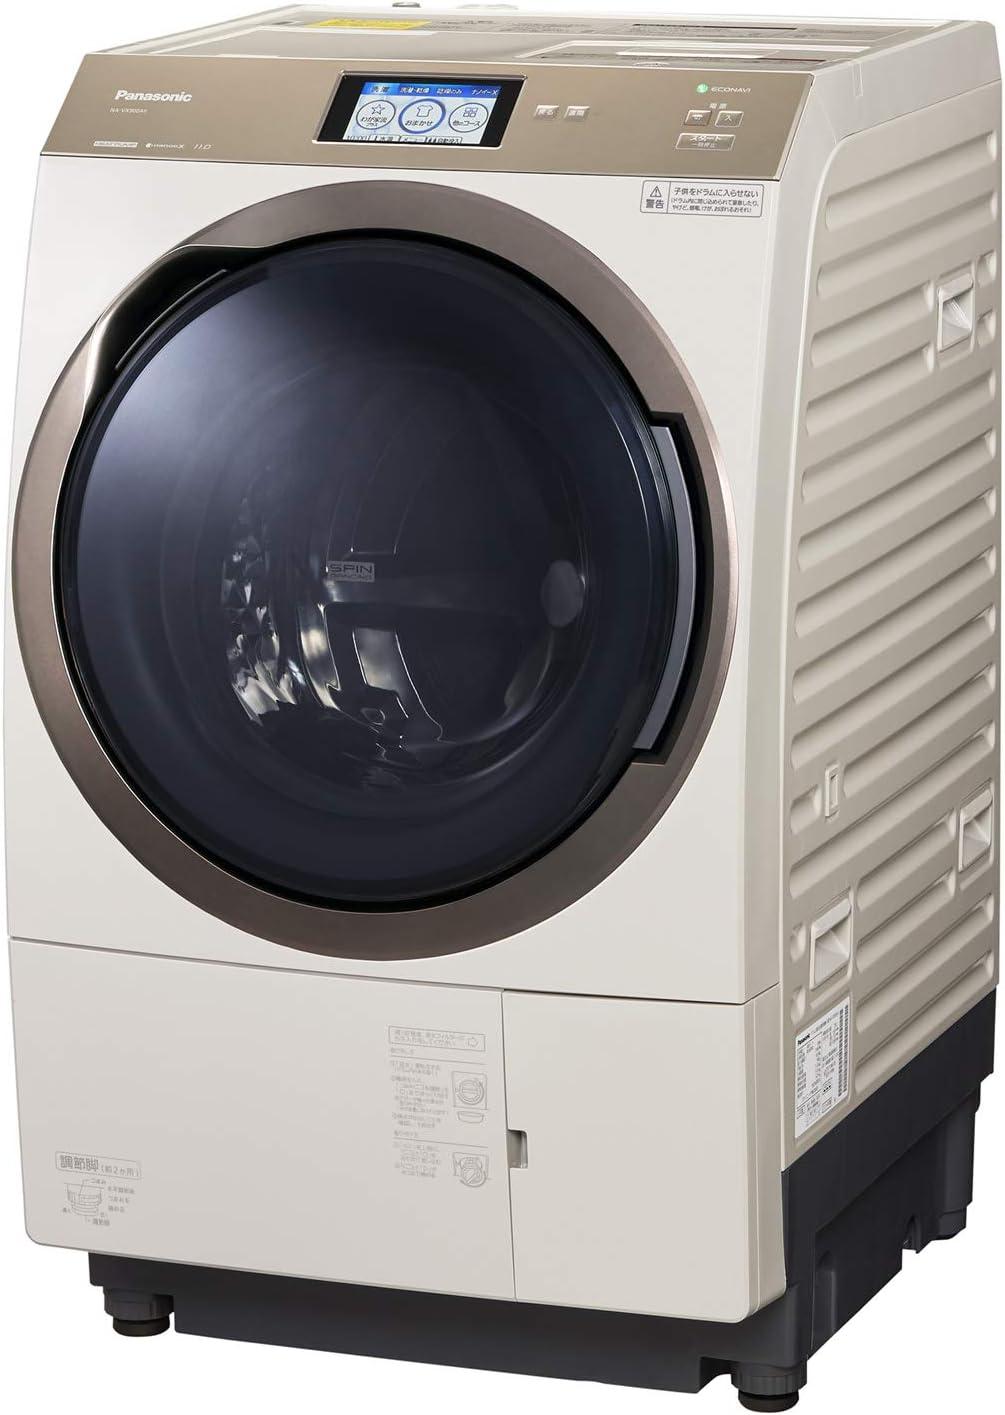 パナソニック ななめドラム洗濯乾燥機 11kg ナノイーX ノーブルシャンパン NA-VX900AR-N